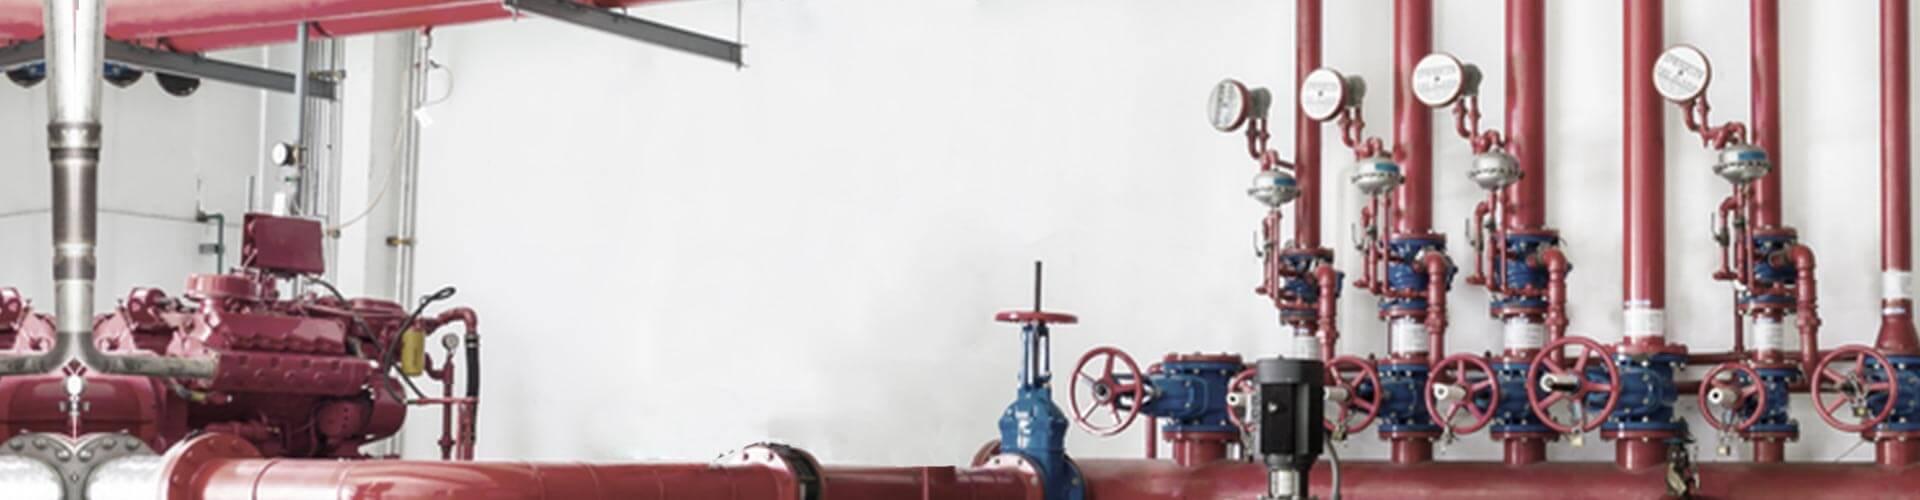 Mantenimiento de instalaciones contra incendios